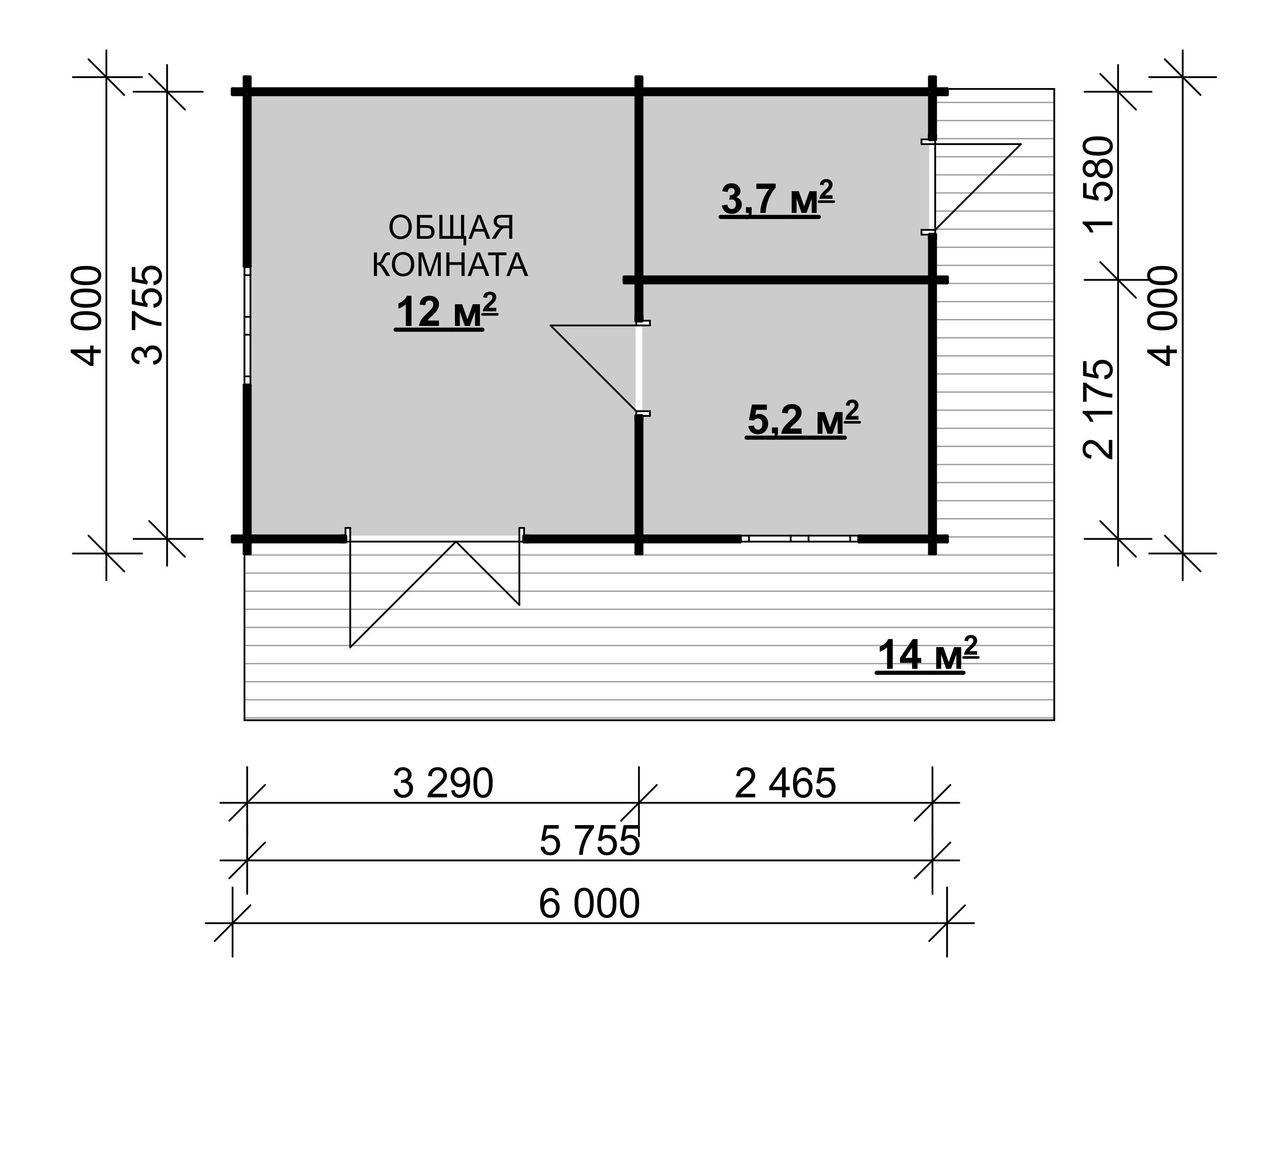 Садовый домик 6.0 х 4.0 м